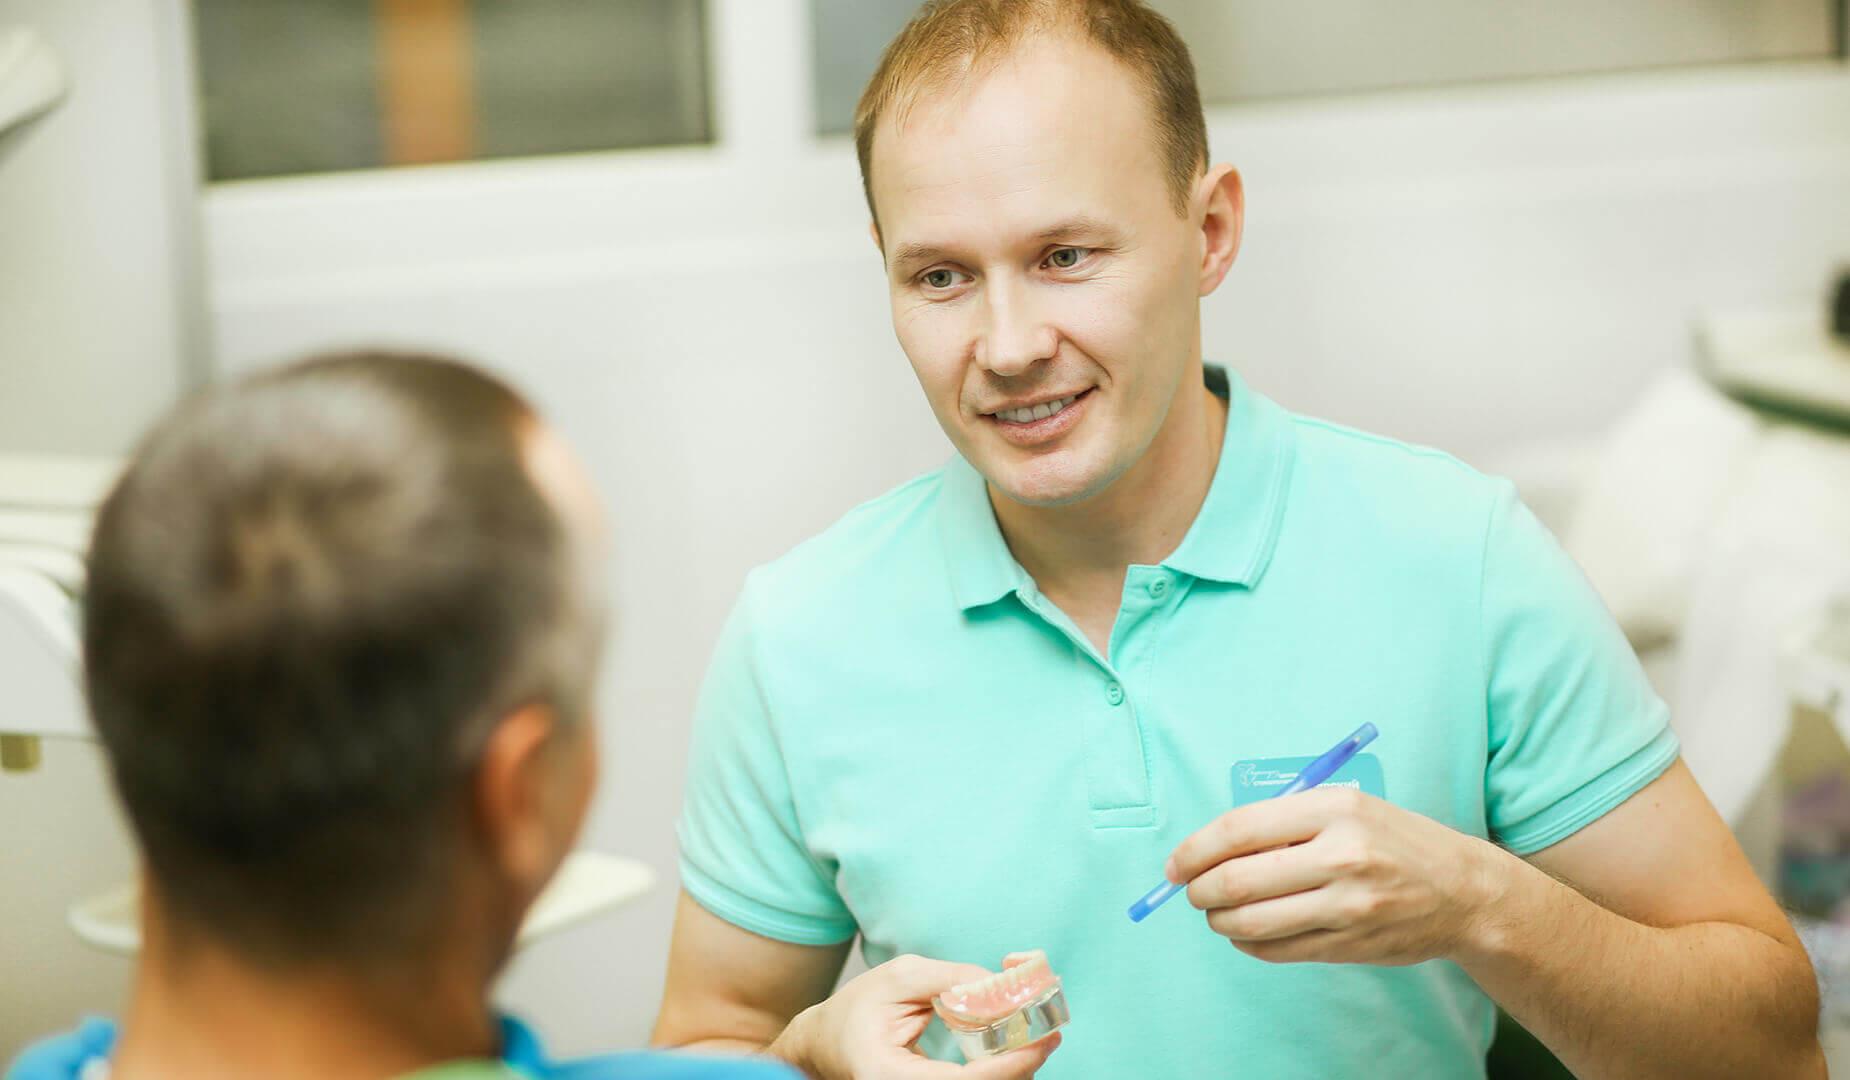 Врач рассказывает пациенту про имплантацию